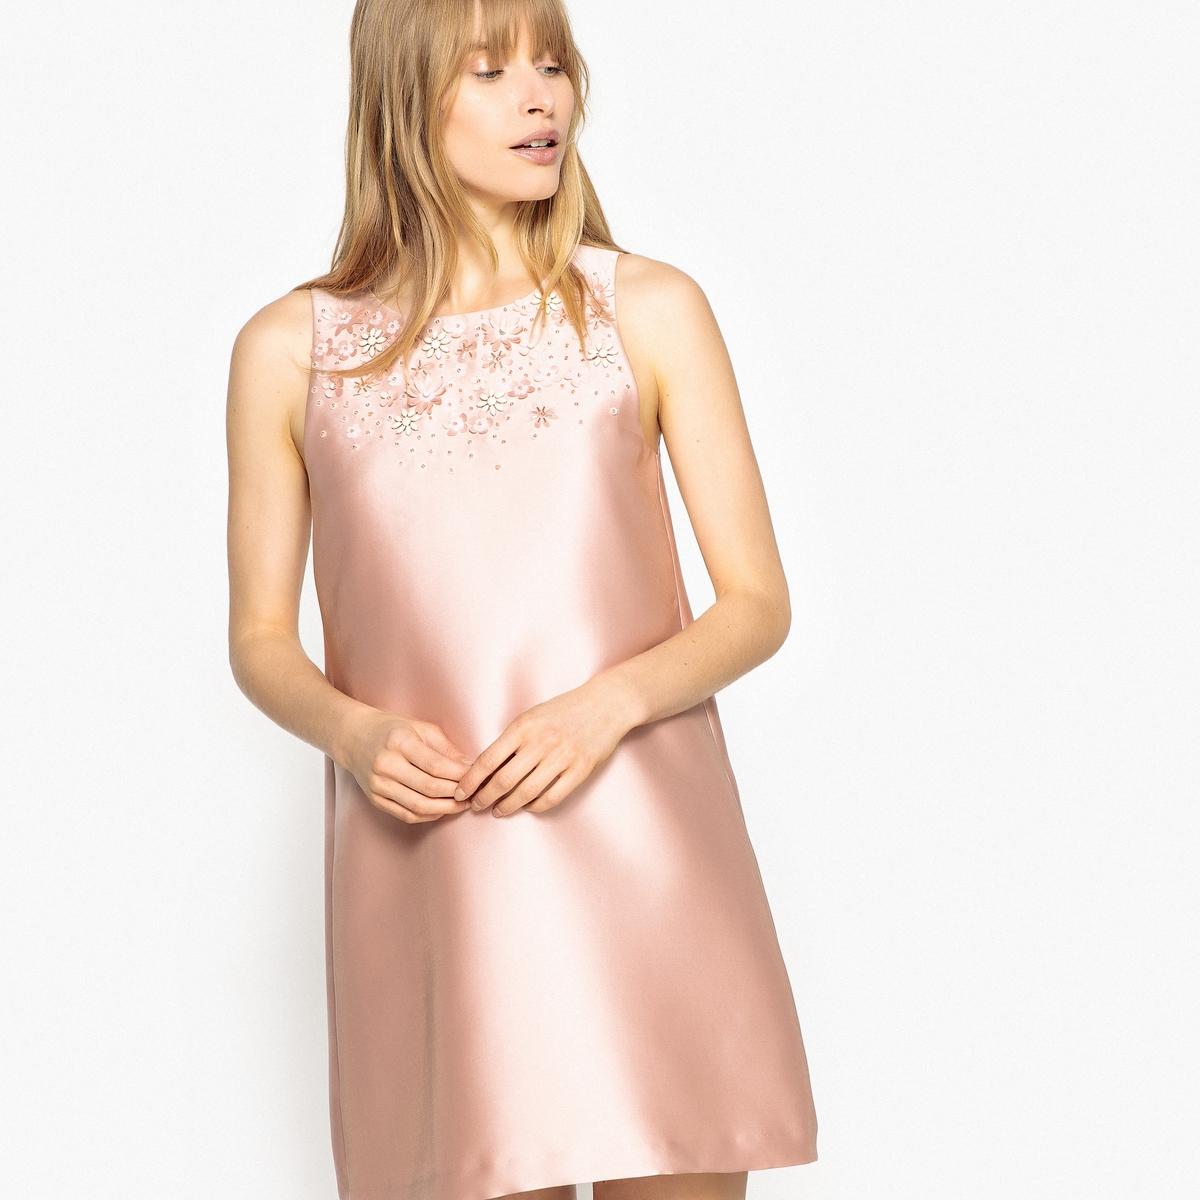 Платье La Redoute Прямое без рукавов с отделкой оригинальными бусинами 40 (FR) - 46 (RUS) розовый комбинезон la redoute широкий без рукавов 40 fr 46 rus оранжевый